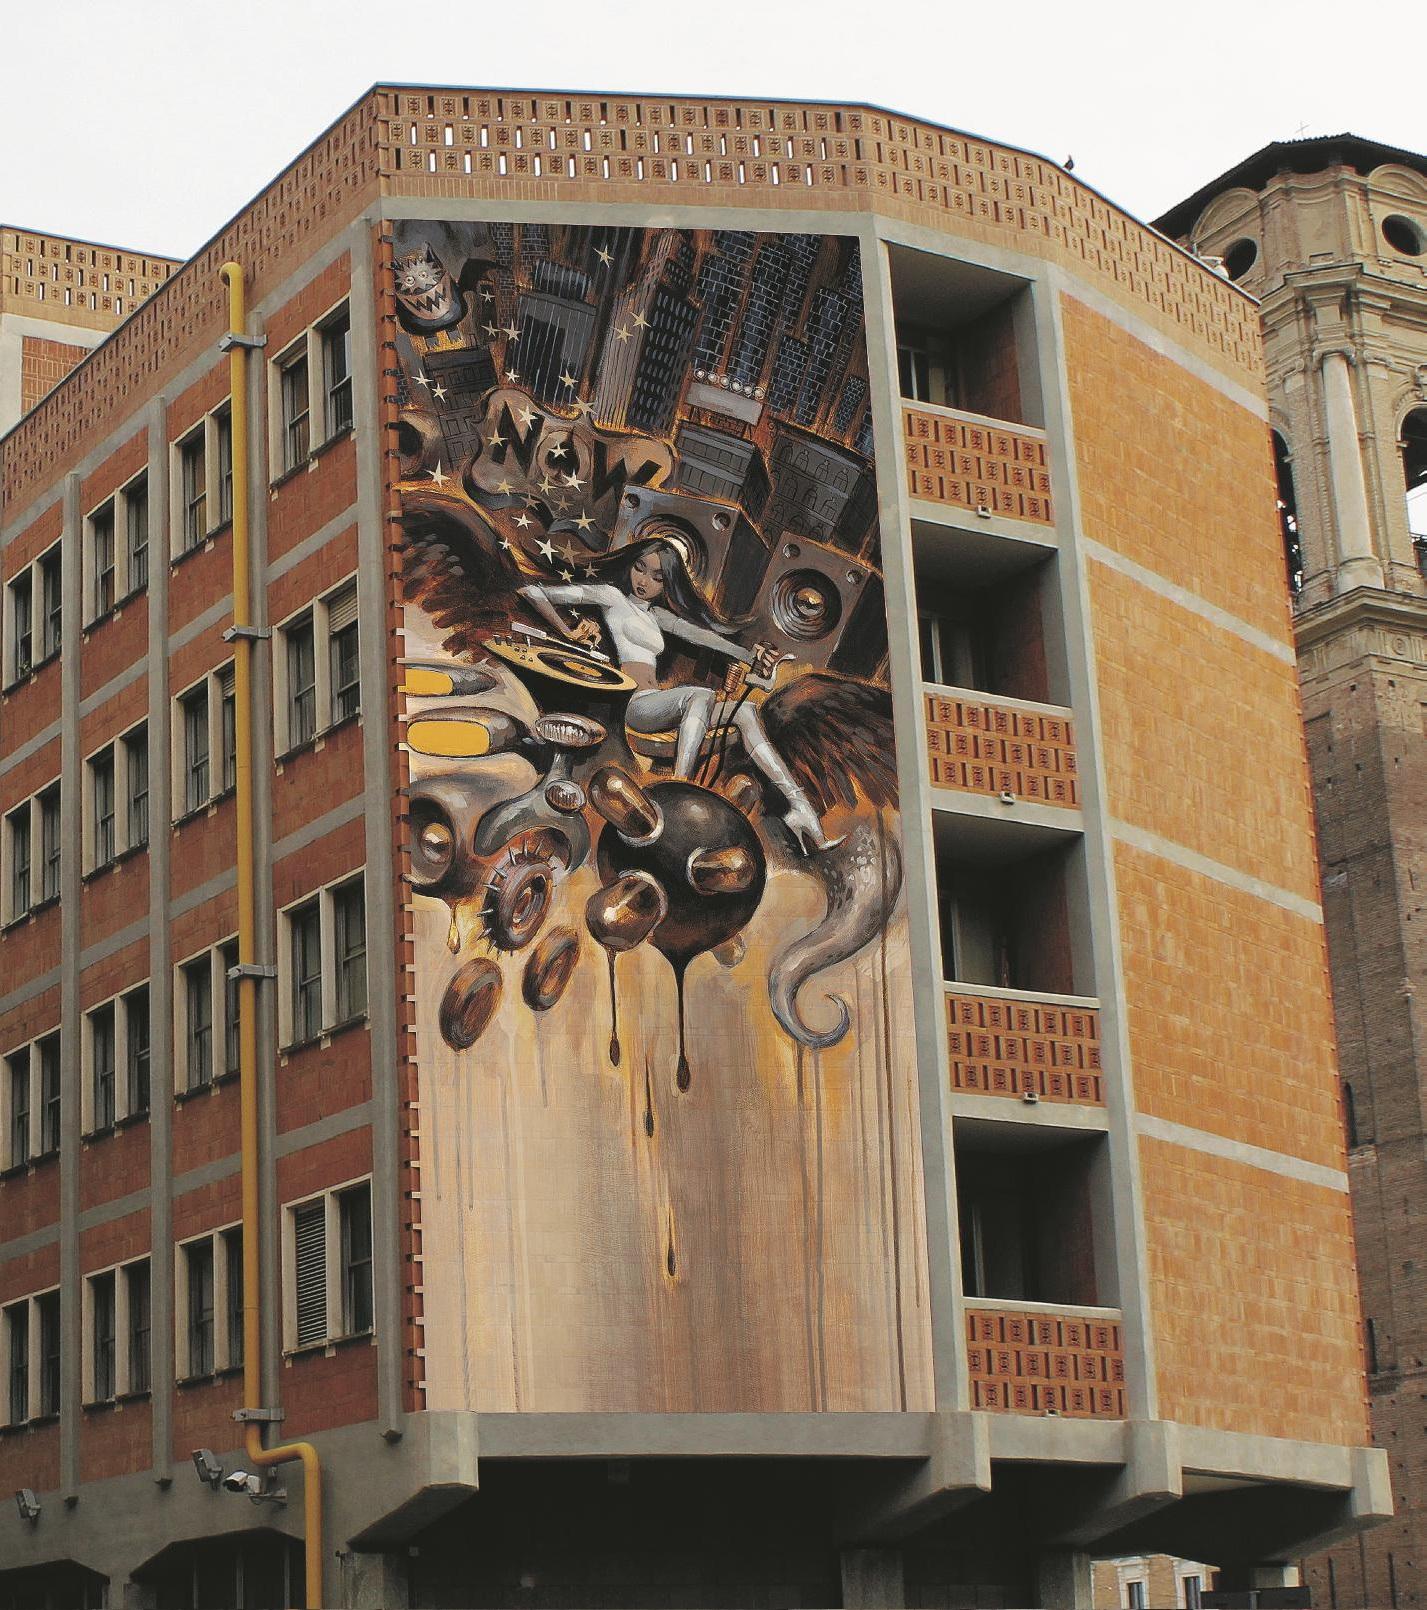 DOPO. Palazzo dei Lavori Pubblici, Torino. Sul Fatto Quotidiano del 13/10/2014 – (Bozzetto di Glenn Barr)